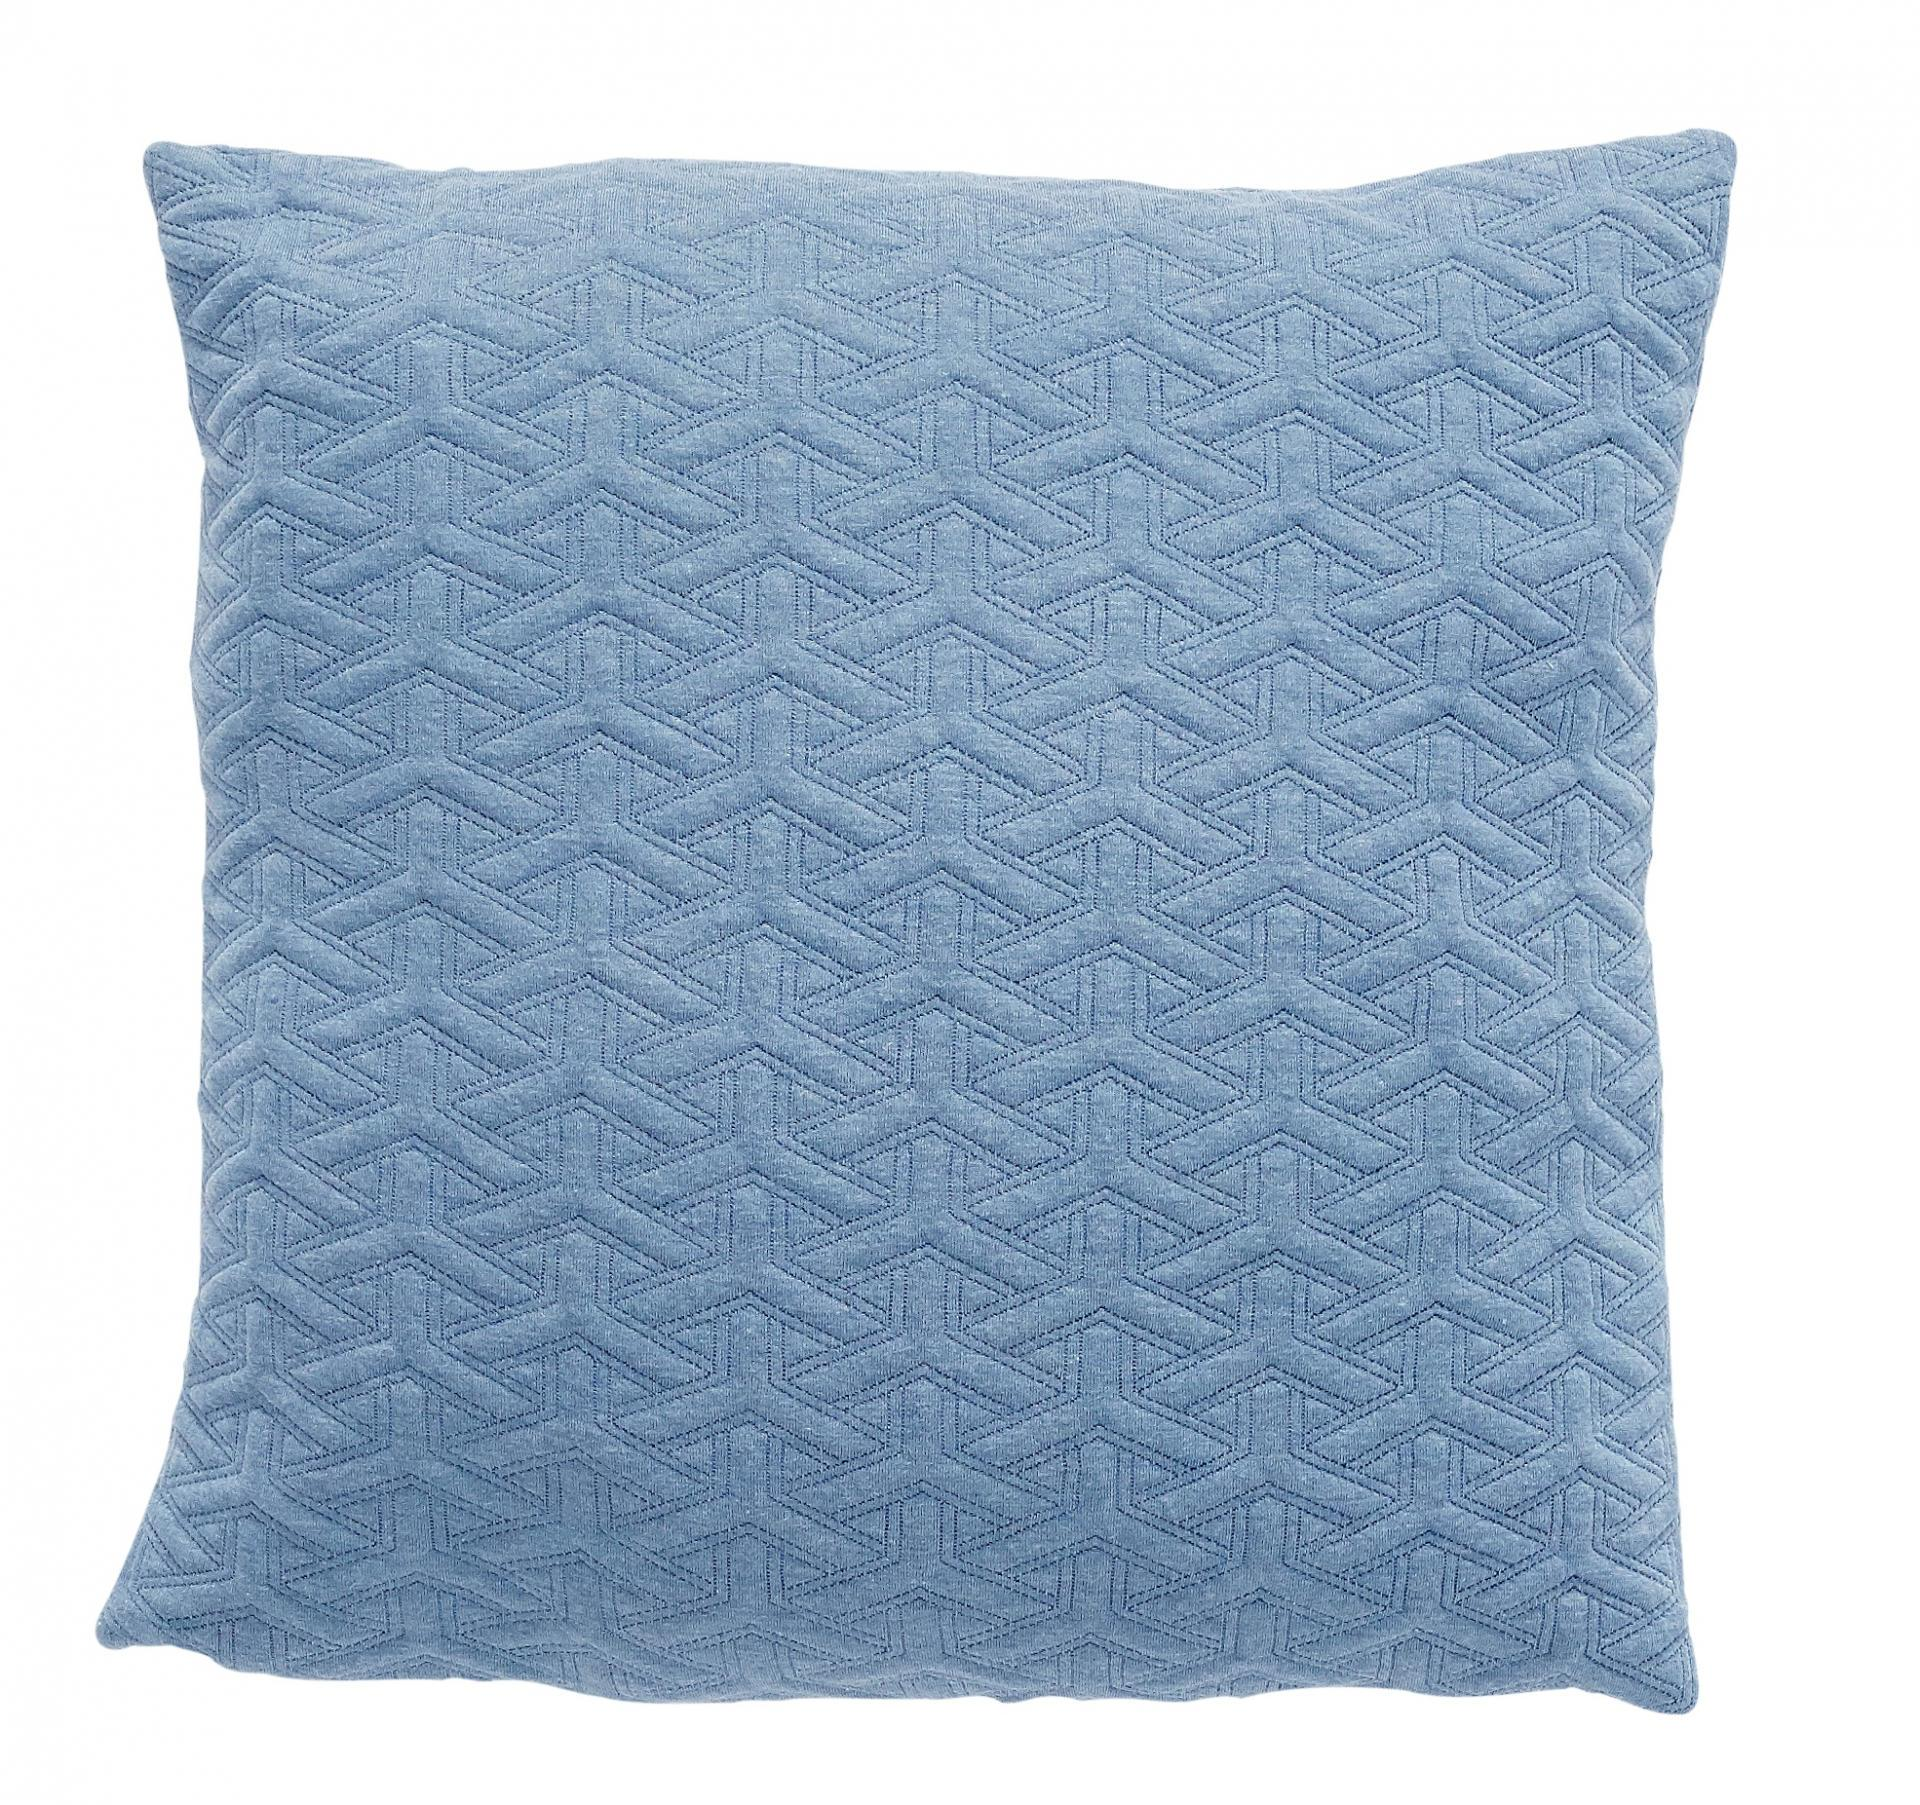 Hübsch Polštář Clear blue 50x50, modrá barva, textil